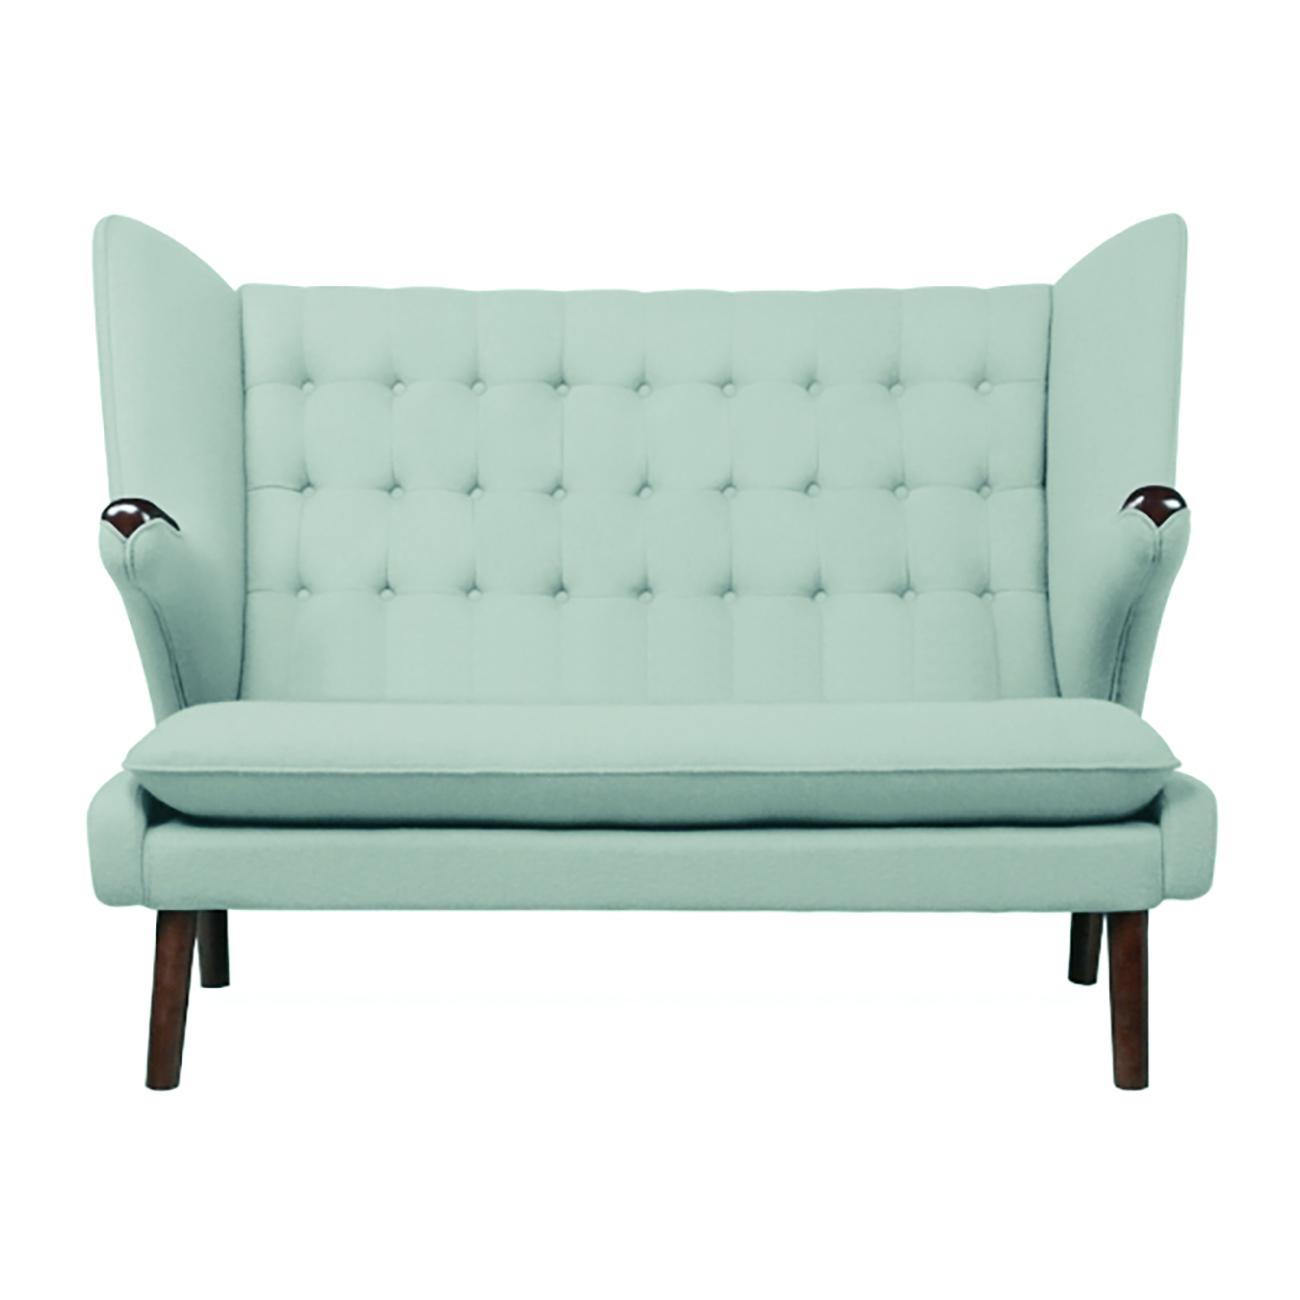 Купить Диван Papa Bear Sofa Tiffany в интернет магазине дизайнерской мебели и аксессуаров для дома и дачи